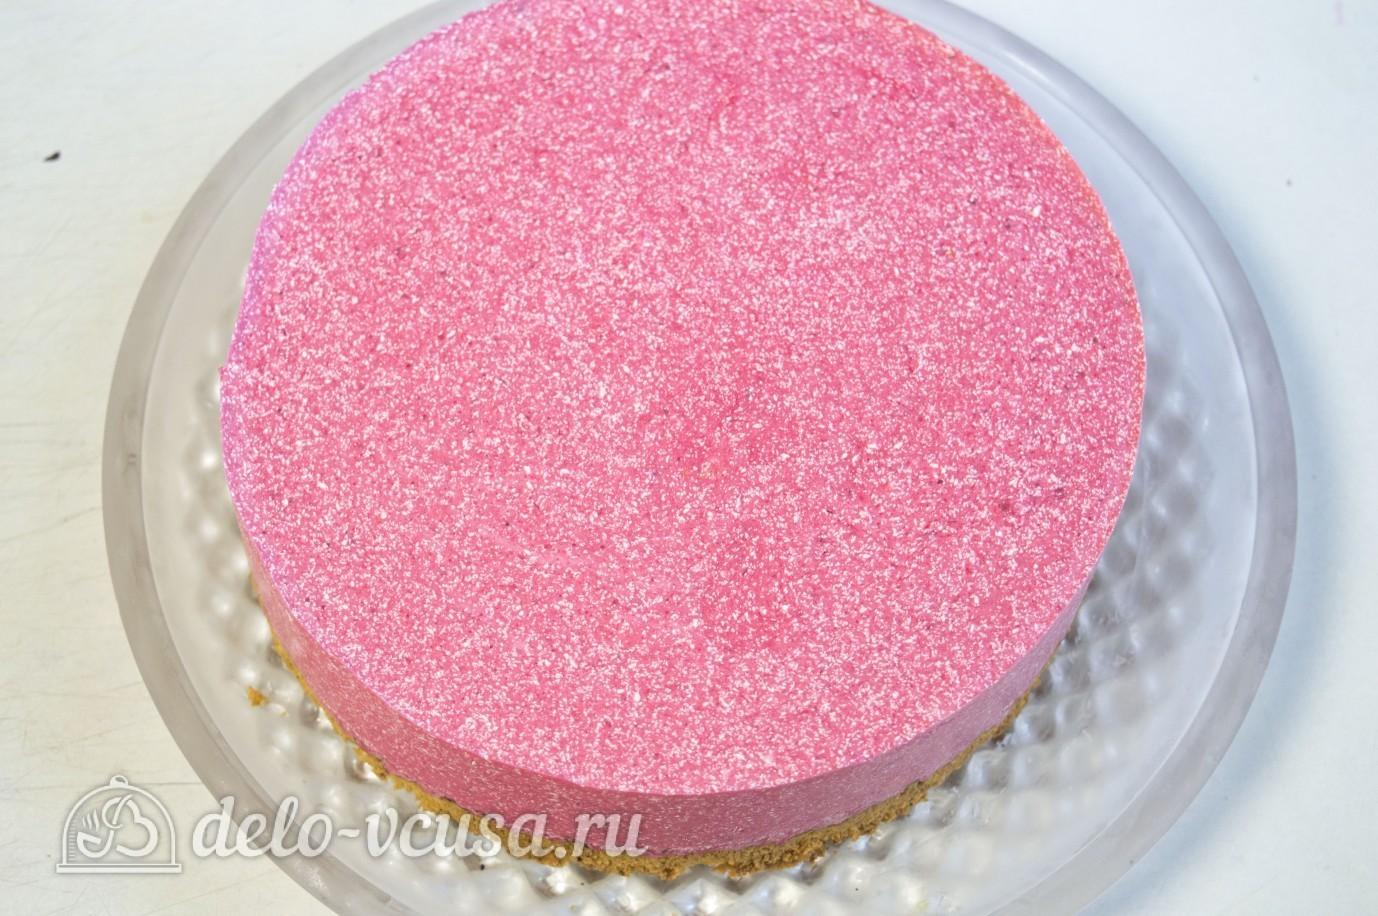 рецепт клубничного торта с фото.